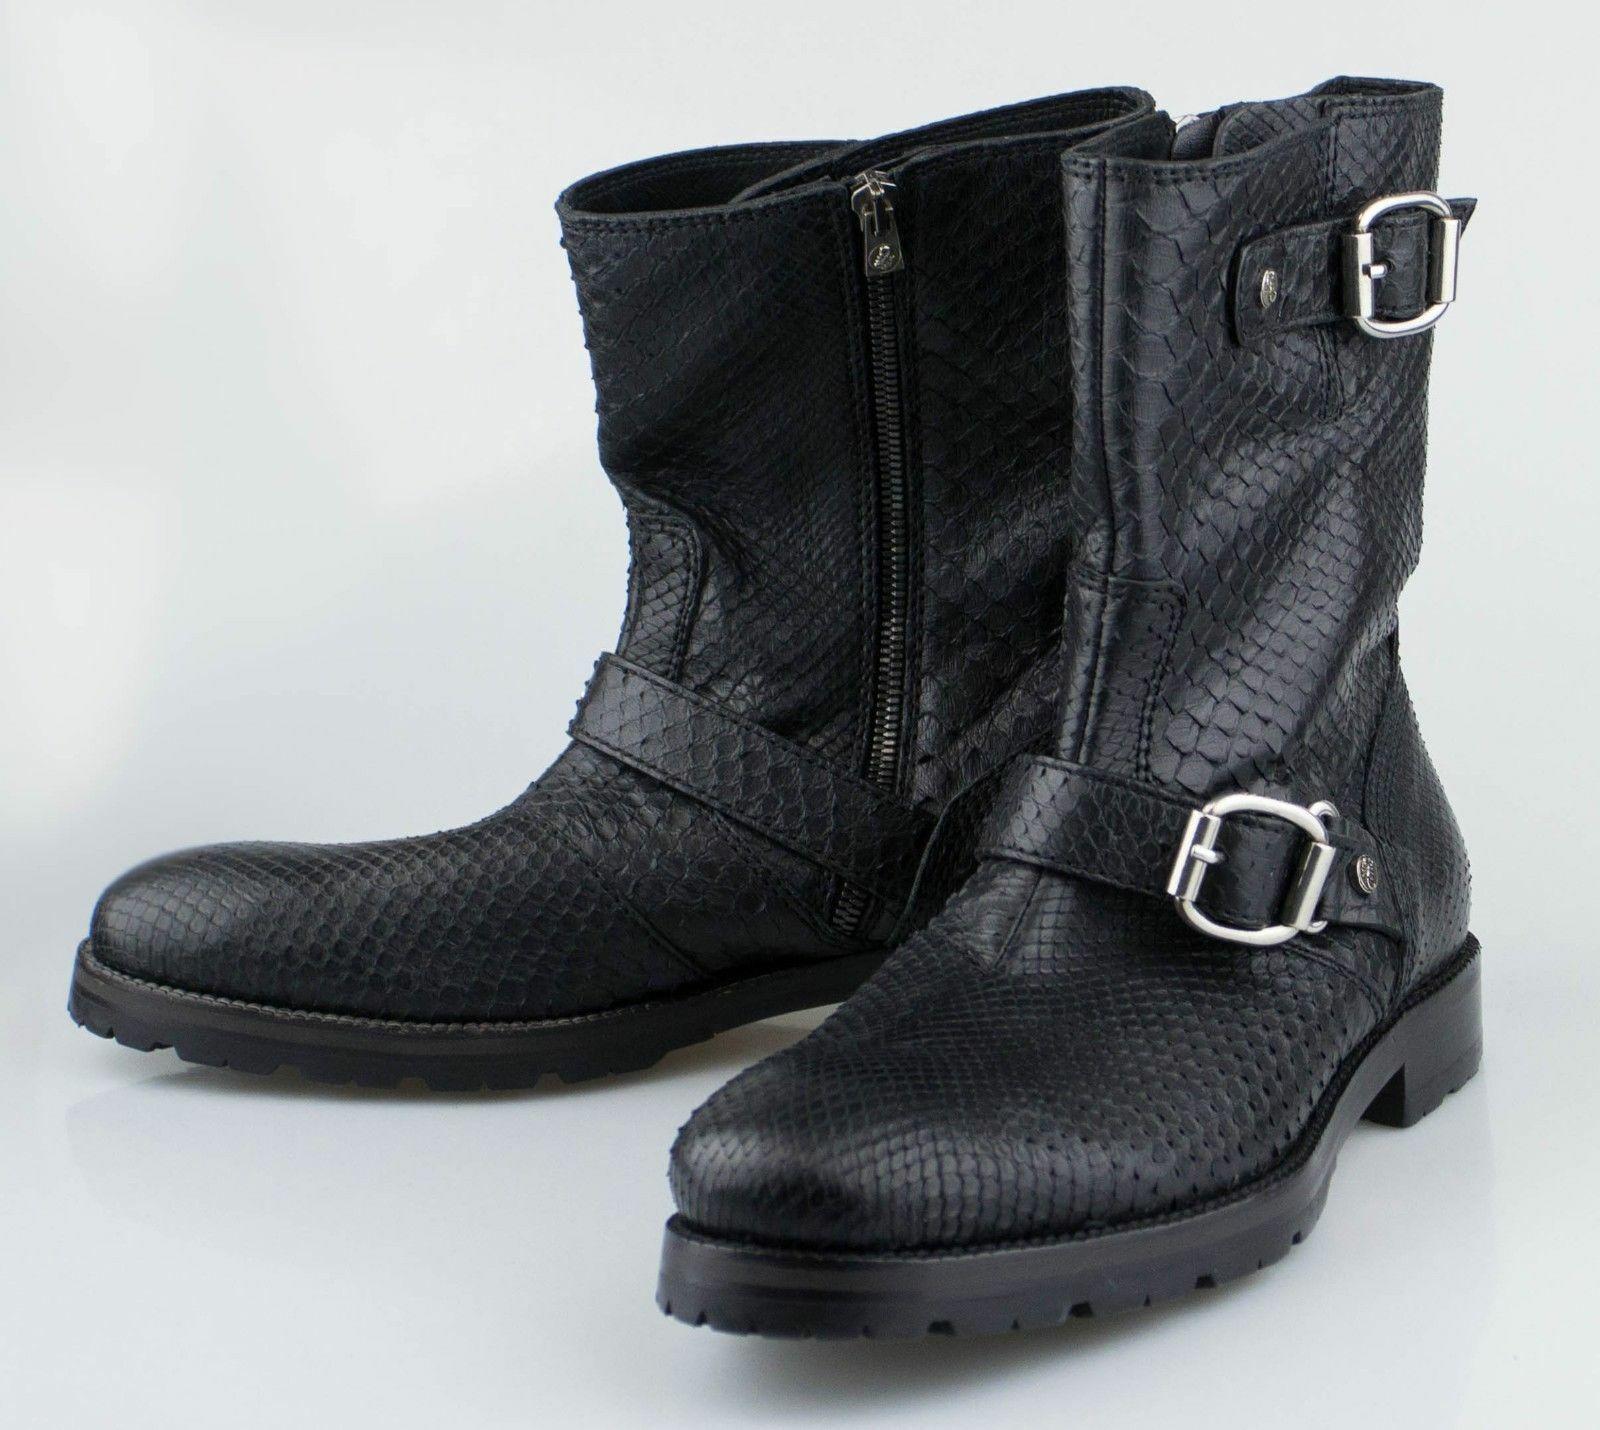 Nuevas botas JIMMY CHOO negro piel de serpiente pitón zapatos US 40.5 EU